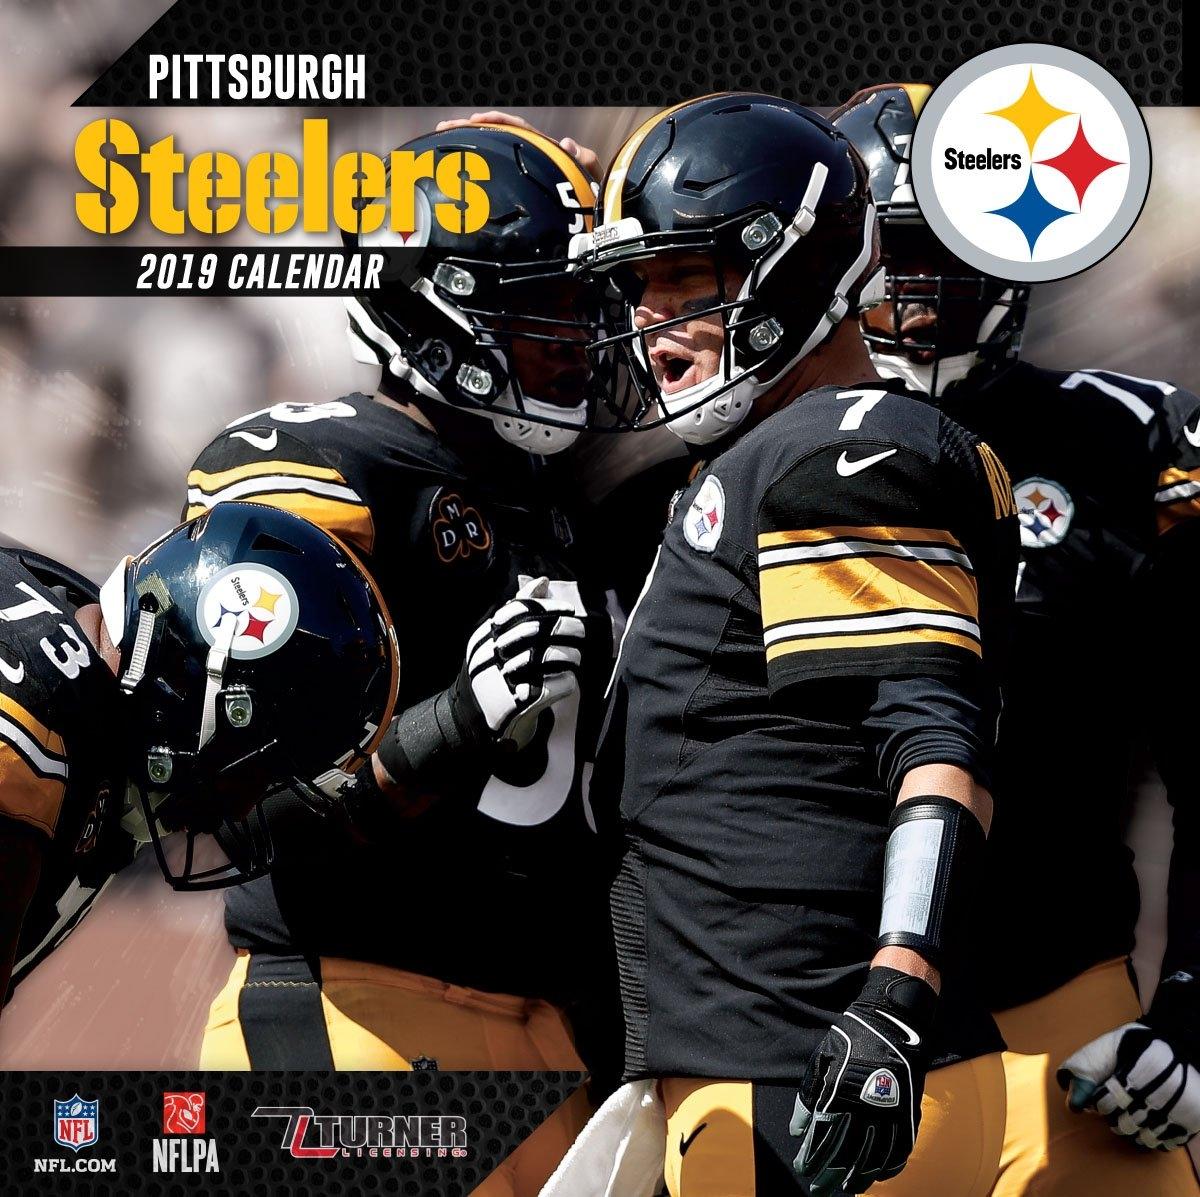 2019 12X12 Team Wall Calendar, Pittsburgh Steelers – Walmart Calendar 2019 Walmart